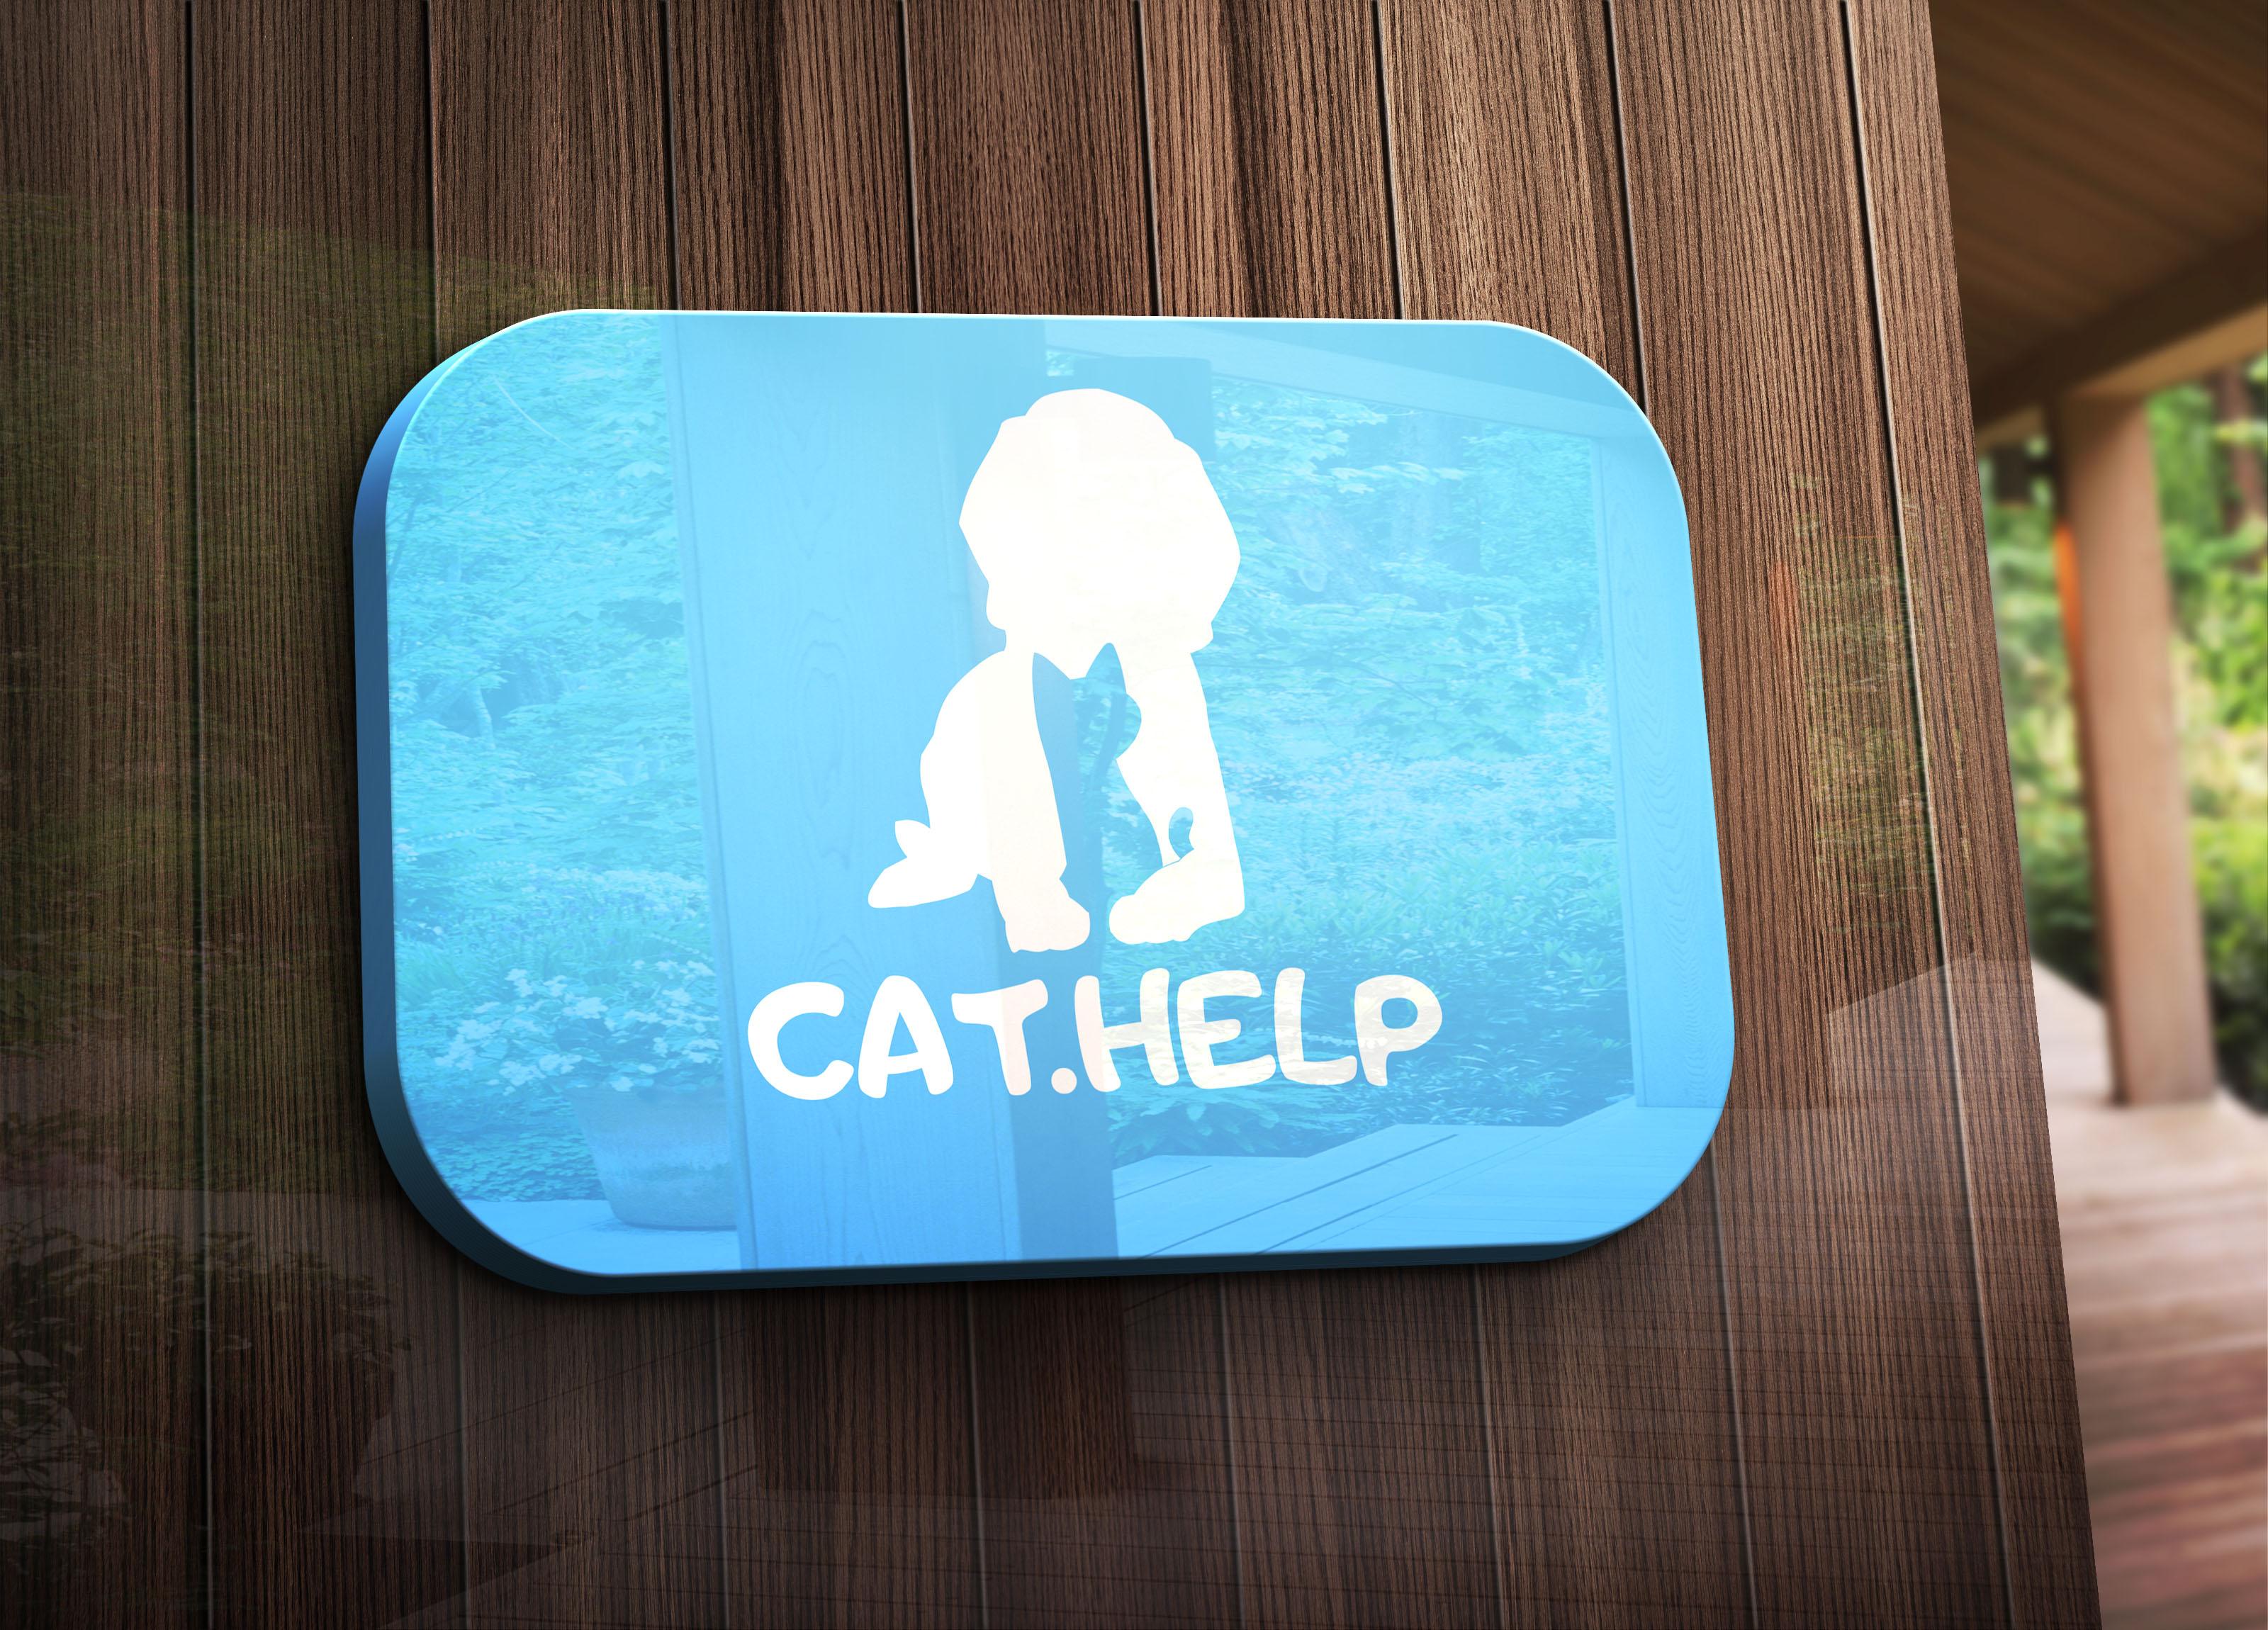 логотип для сайта и группы вк - cat.help фото f_00259da2724a5127.jpg